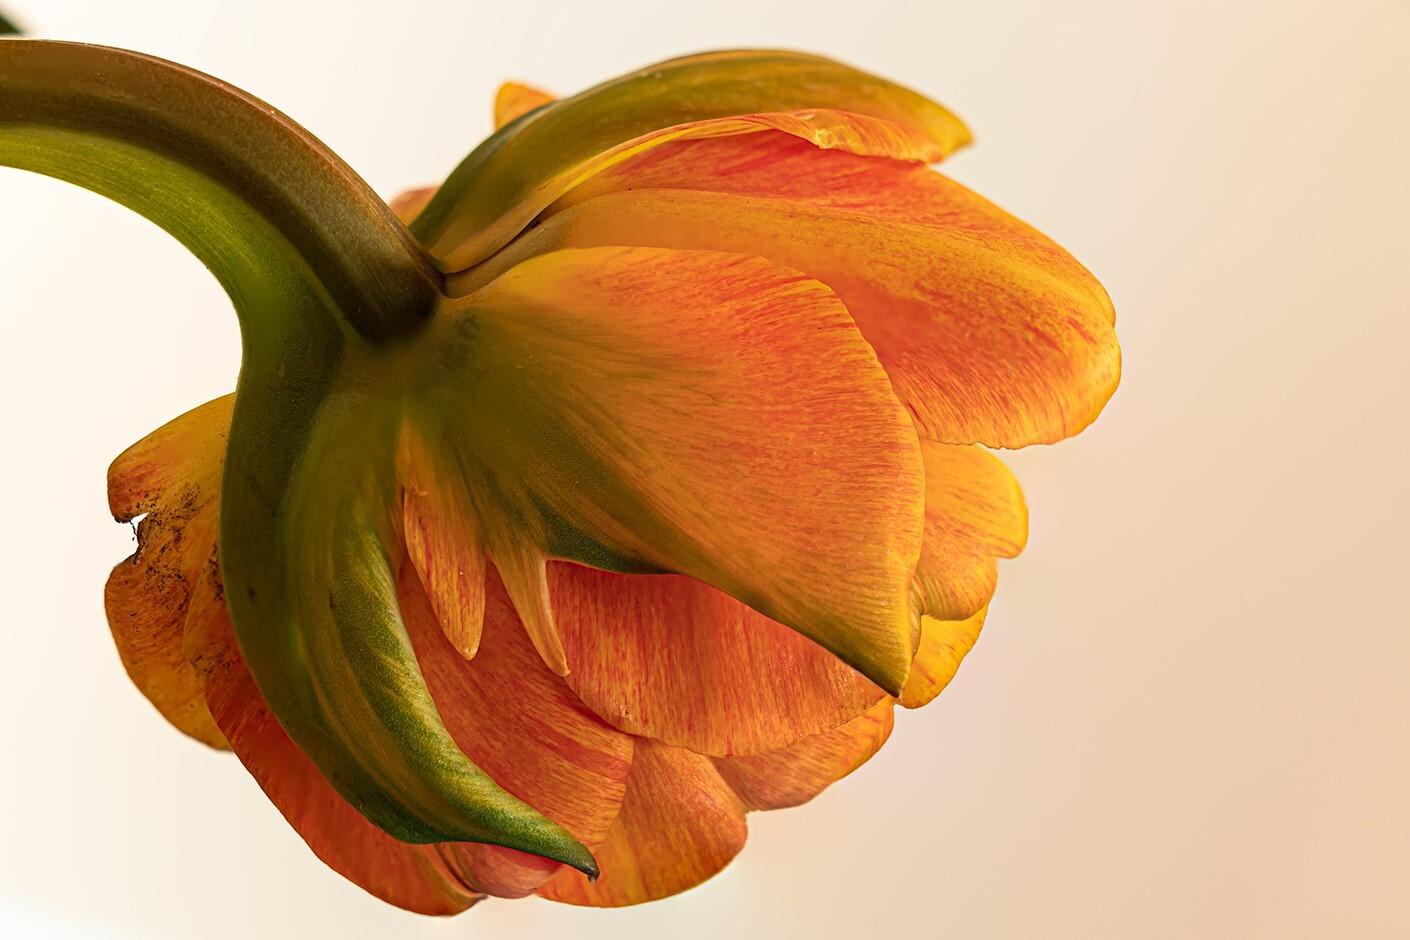 Achterkant van een tulp - De achterkant van een bloem is vaak net zo mooi en interessant als de voorkant... of mooier! - foto door irenas op 14-04-2021 - deze foto bevat: tulp, bloem, close up, kleur, natuur, bloem, fabriek, bloemblaadje, oranje, terrestrische plant, pedicel, detailopname, bloeiende plant, snij bloemen, macrofotografie